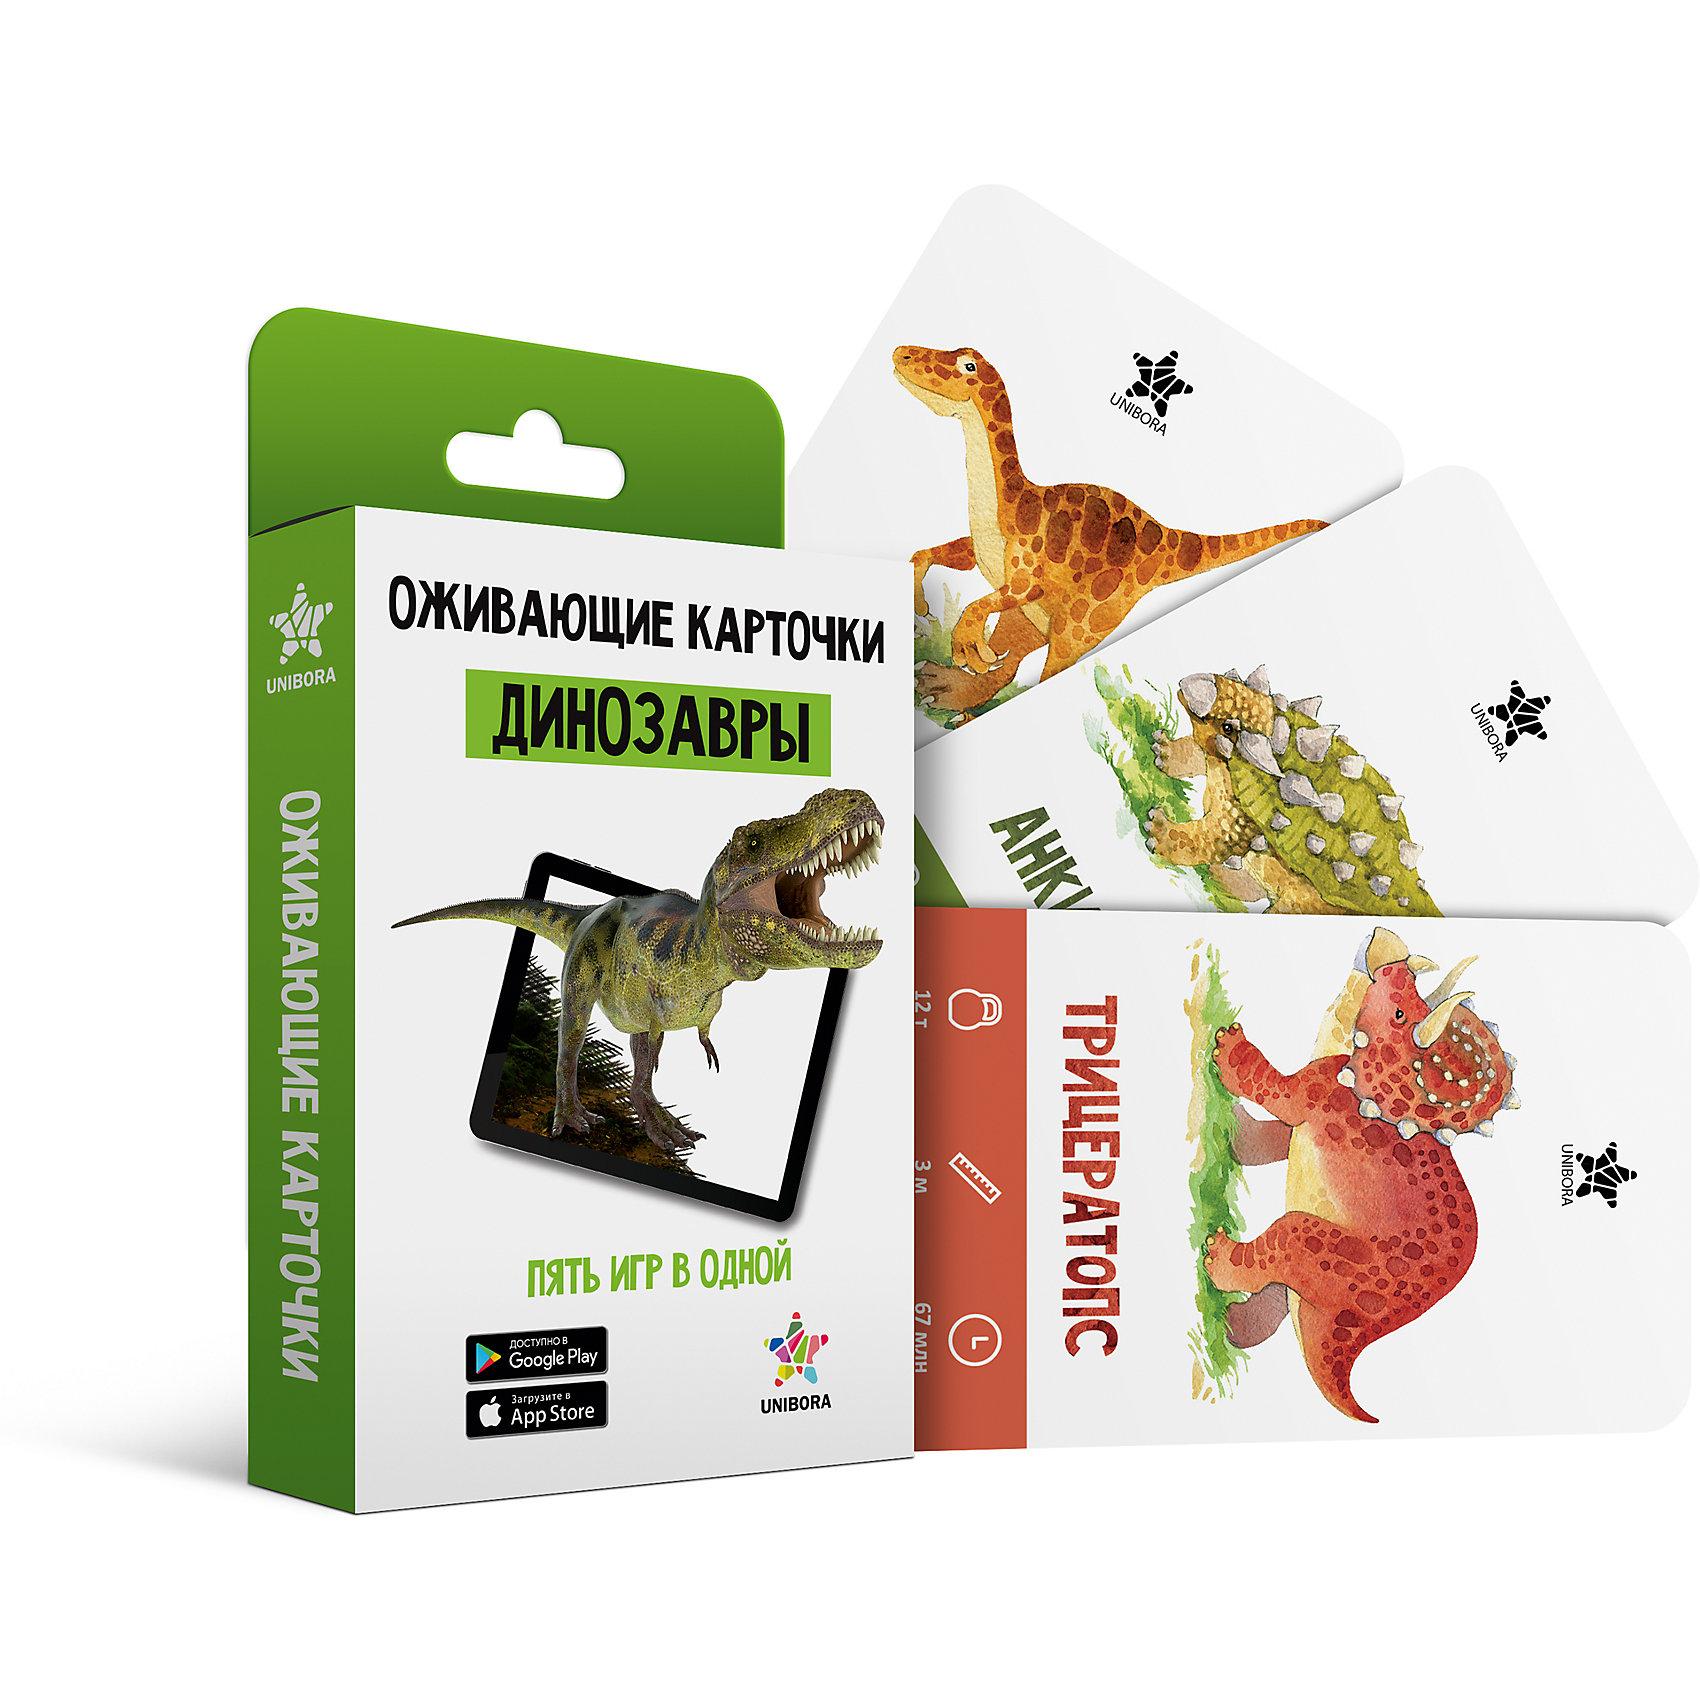 Настольная игра 5 в 1 с дополненной реальностью Динозавры, UniboraUnibora<br>Характеристики товара:<br><br>• Возраст: от 3 лет<br>• Материал: бумага, картон<br>• Размер упаковки: 12 х 7 см<br>• Комплект: 30 карточек<br>• Страна бренда: Россия<br><br>Оживающие карточки «Динозавры». Скачайте БЕСПЛАТНОЕ приложение Unibora Dino на телефон или планшет, запустите его и оживите динозавров! <br><br>В комплекте: <br>•  Инструкция <br>•  30 оживающих карточек <br>• 15 персонажей в 3D-графике высокого качества: играйте с ними и делайте удивительные фото! <br>•  5 карточных игр для всей семьи: развивайте память, воображение, артистизм, образное мышление! <br>• Уникальные игры в дополненной реальности: оживите 2 карточки одновременно и узнайте, как отреагируют друг на друга два динозавра!<br><br>Настольную игру 5 в 1 с дополненной реальностью Динозавры, Unibora можно купить в нашем интернет-магазине.<br><br>Ширина мм: 160<br>Глубина мм: 74<br>Высота мм: 127<br>Вес г: 73<br>Возраст от месяцев: 36<br>Возраст до месяцев: 144<br>Пол: Унисекс<br>Возраст: Детский<br>SKU: 6722038